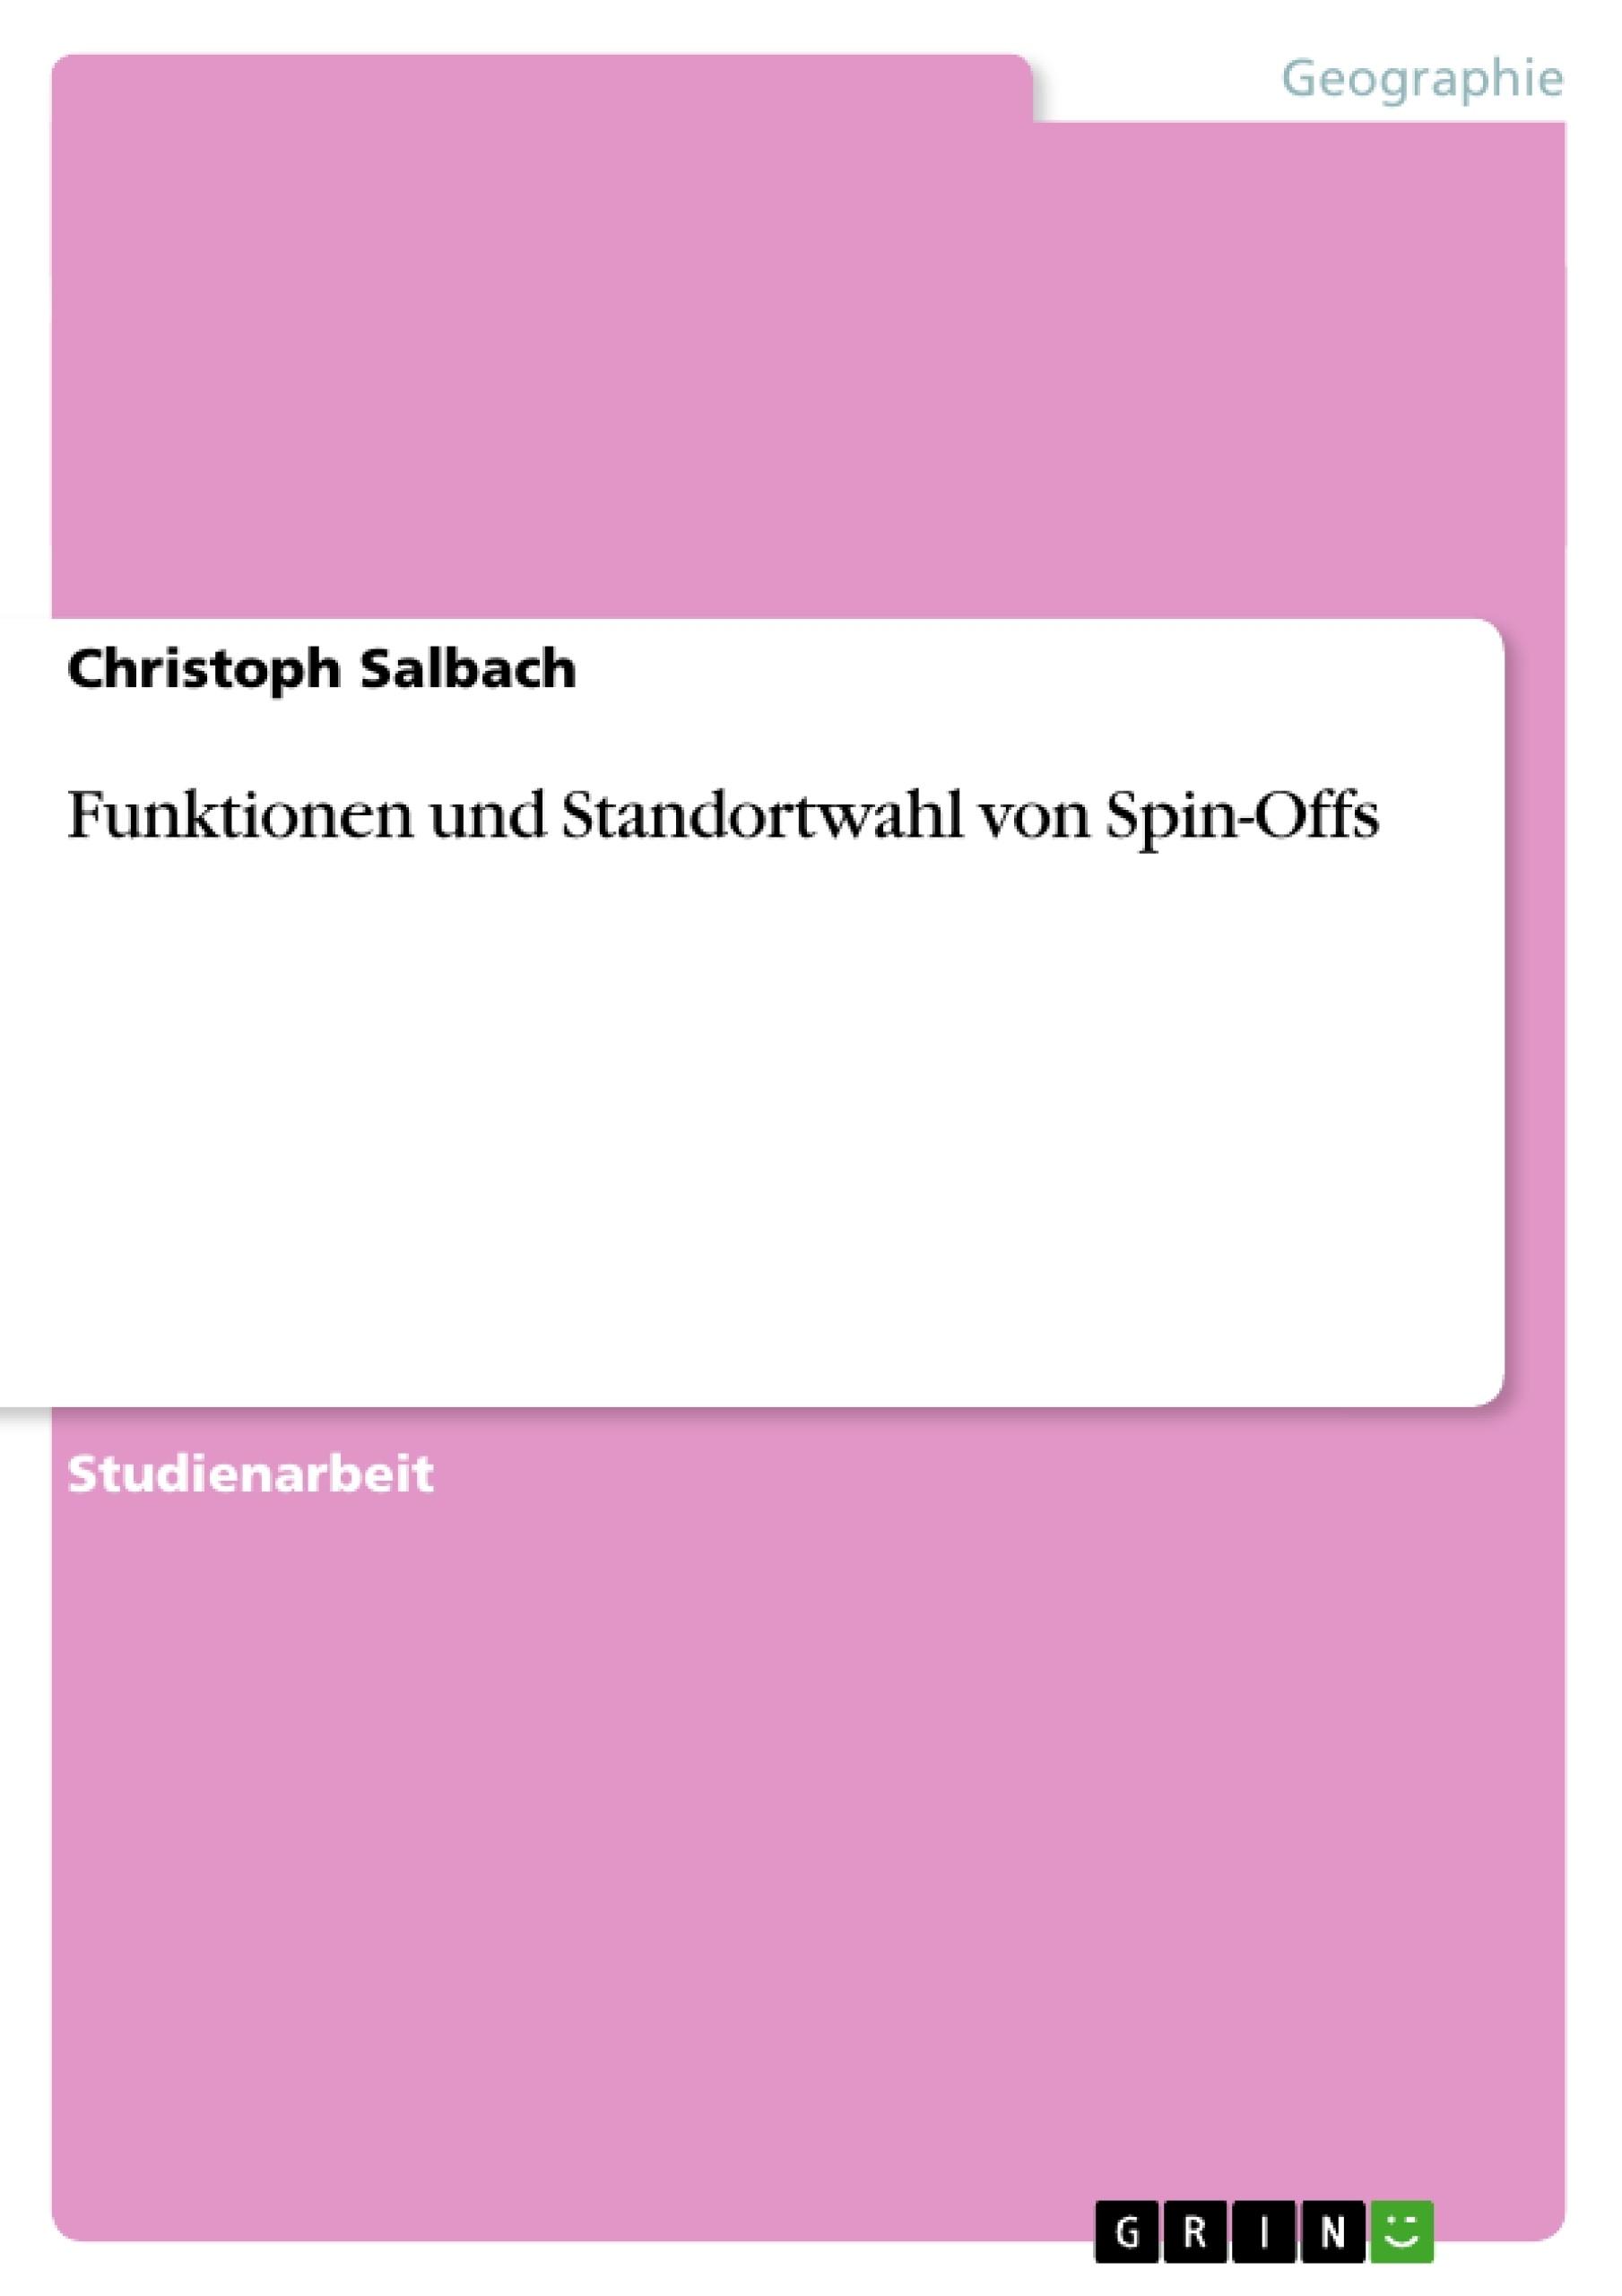 Titel: Funktionen und Standortwahl von Spin-Offs